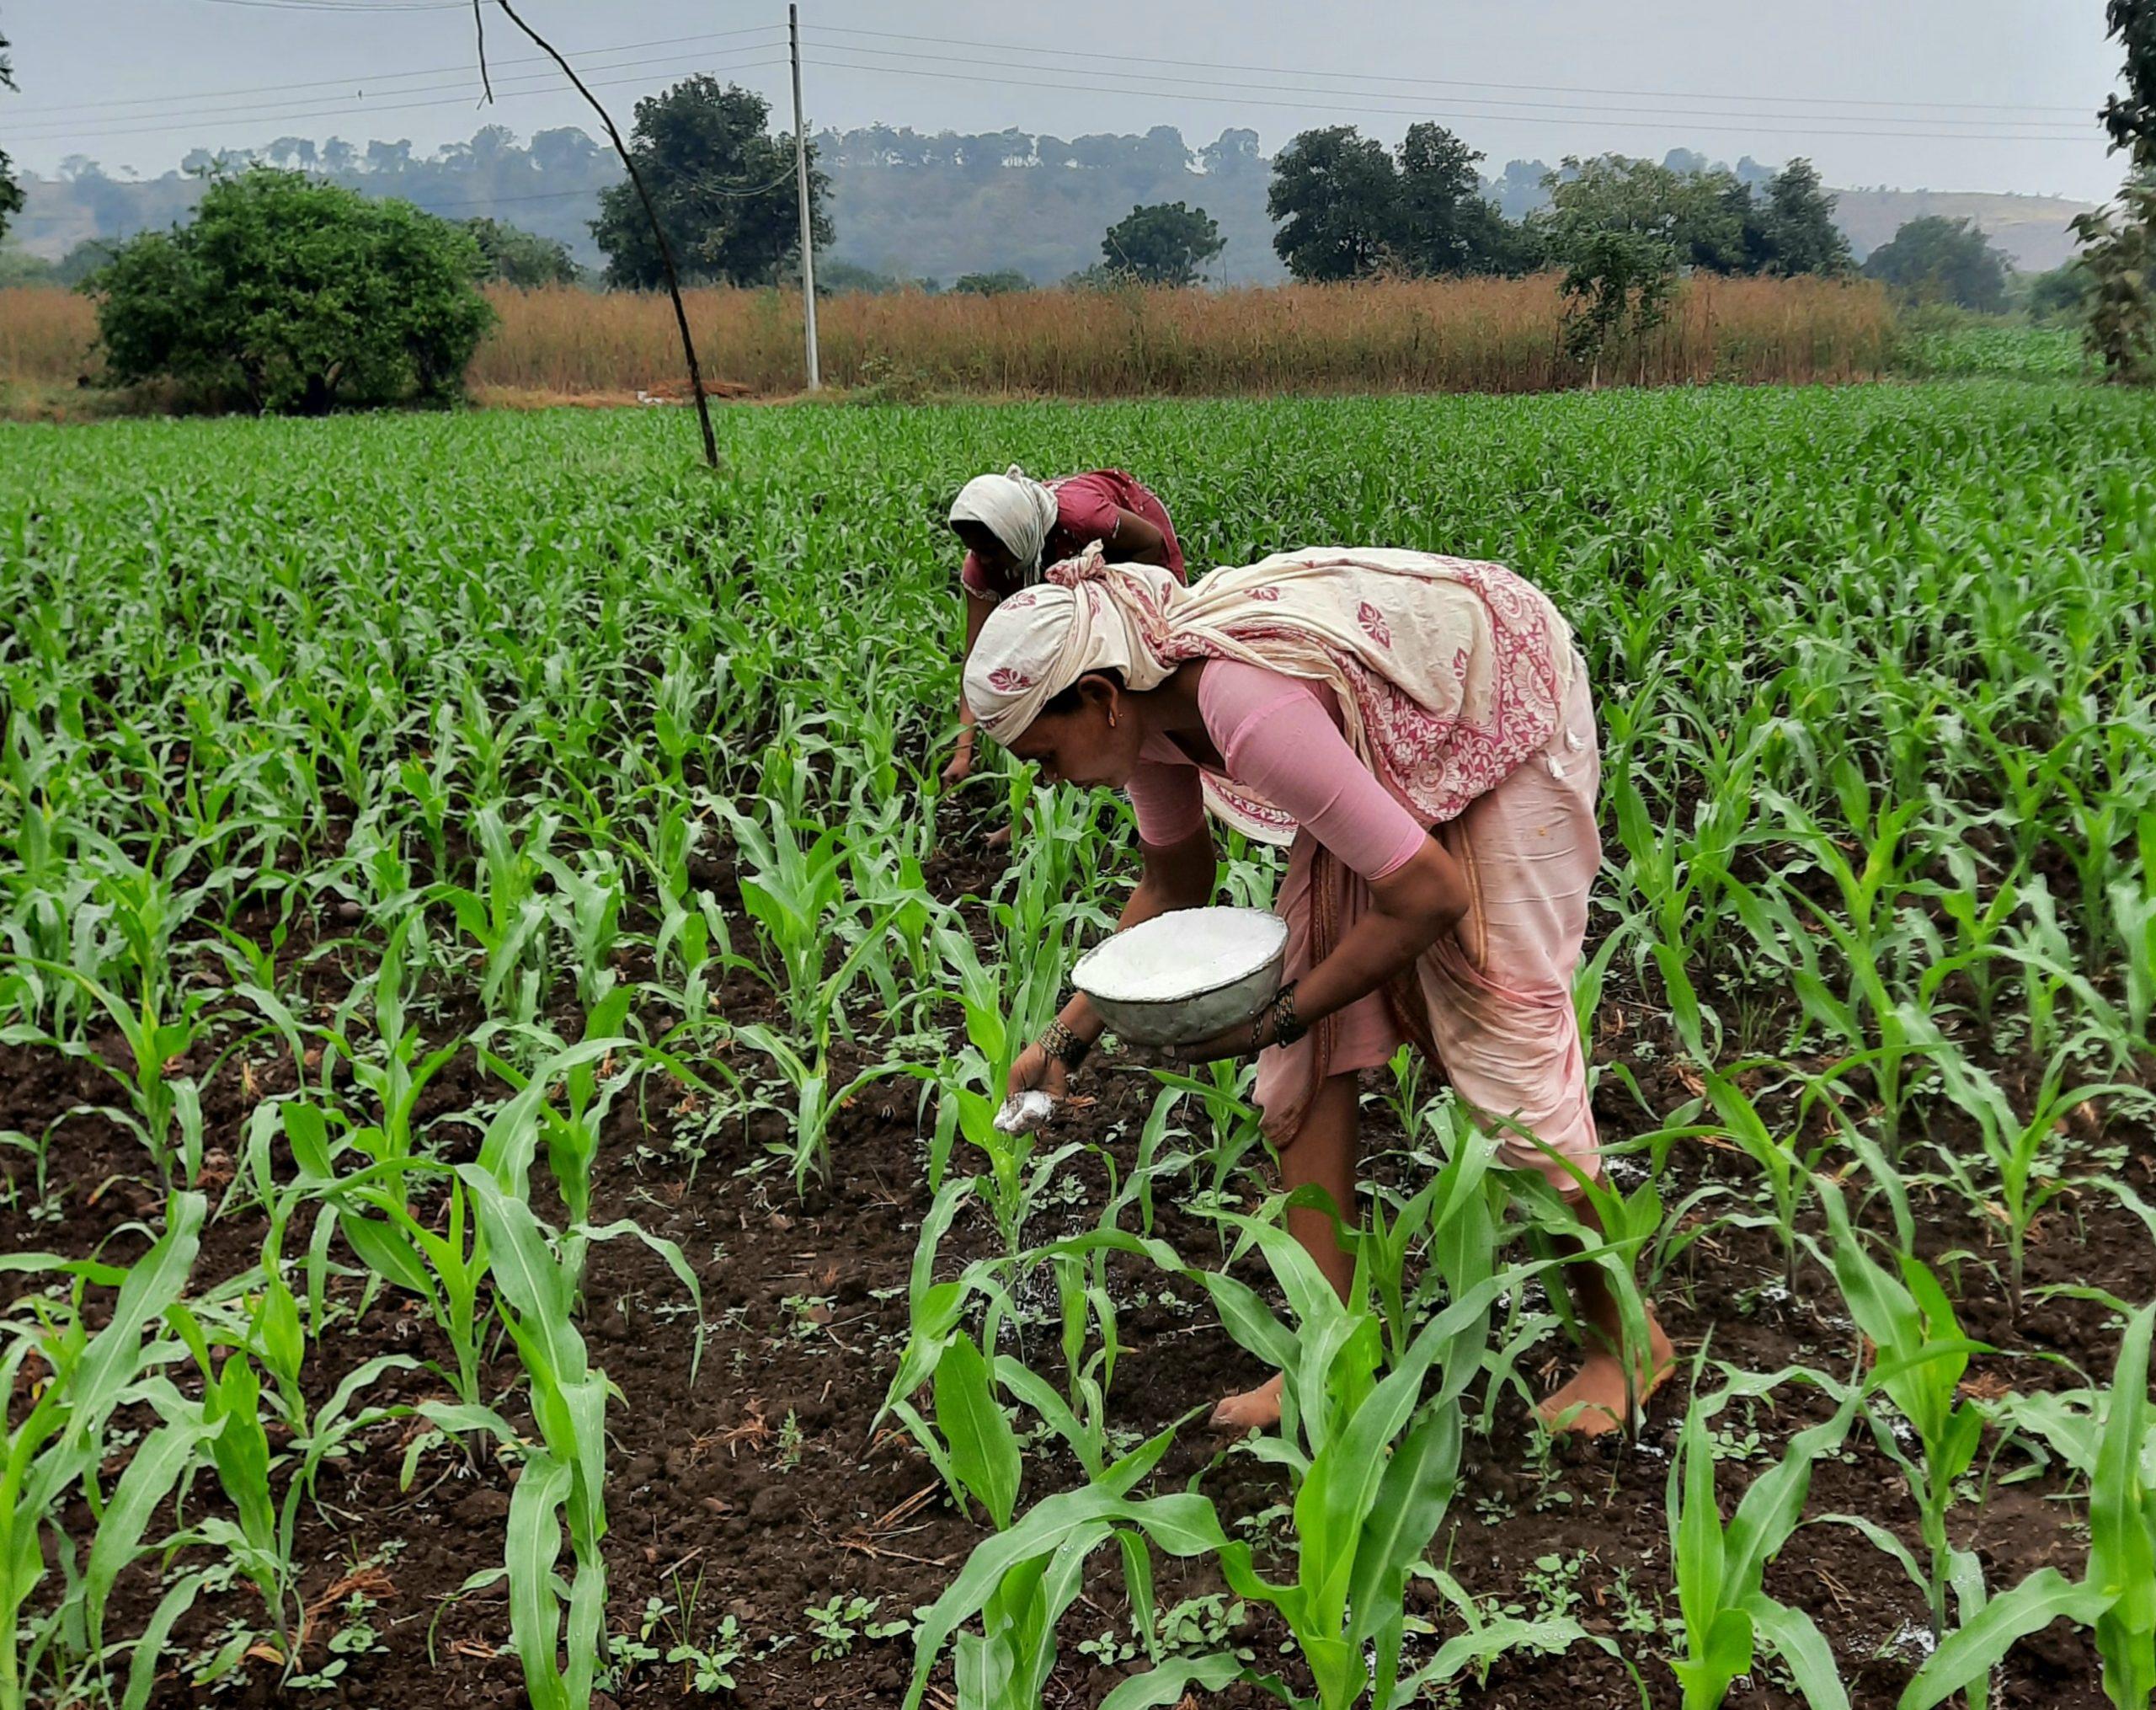 Farmers fertilizing maize plants